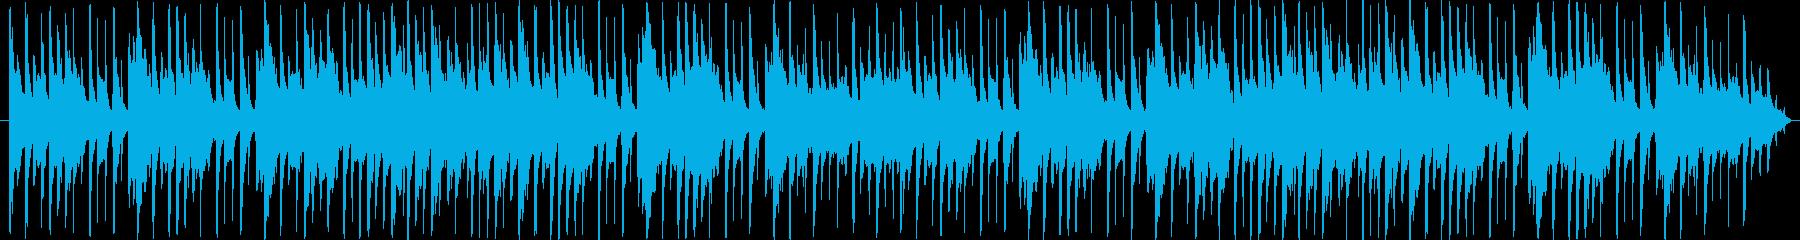 コマーシャル用の音楽。メロディック...の再生済みの波形